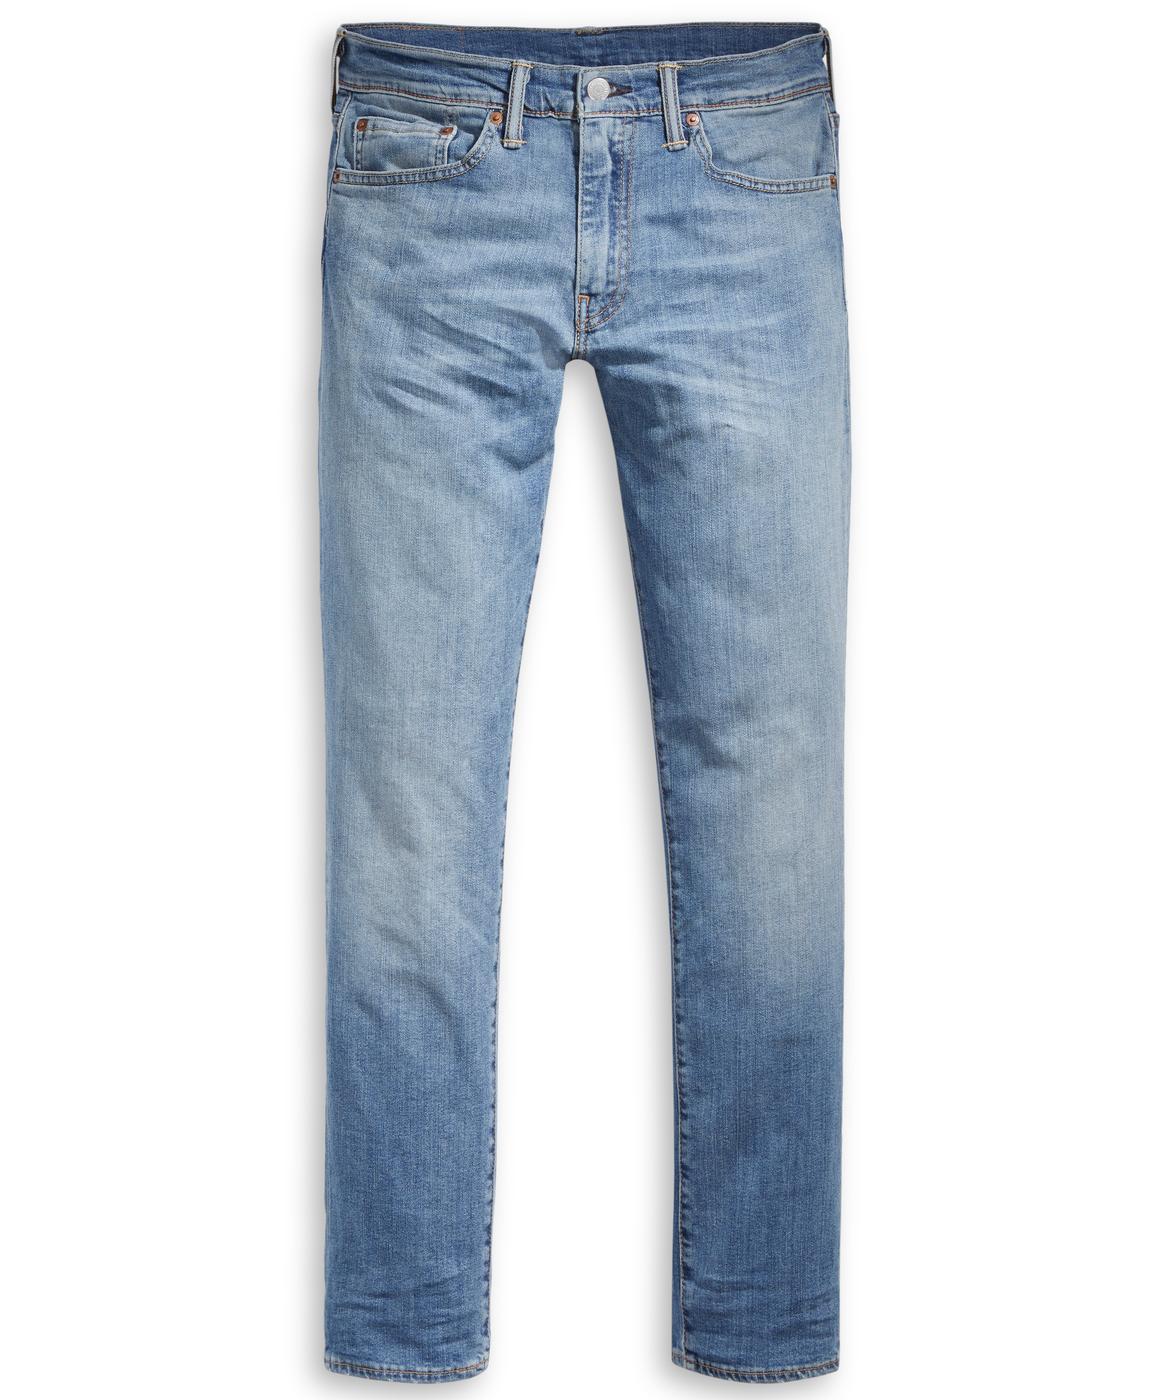 LEVI'S 511 Mens Mod Slim Denim Jeans SUN FADE BLUE